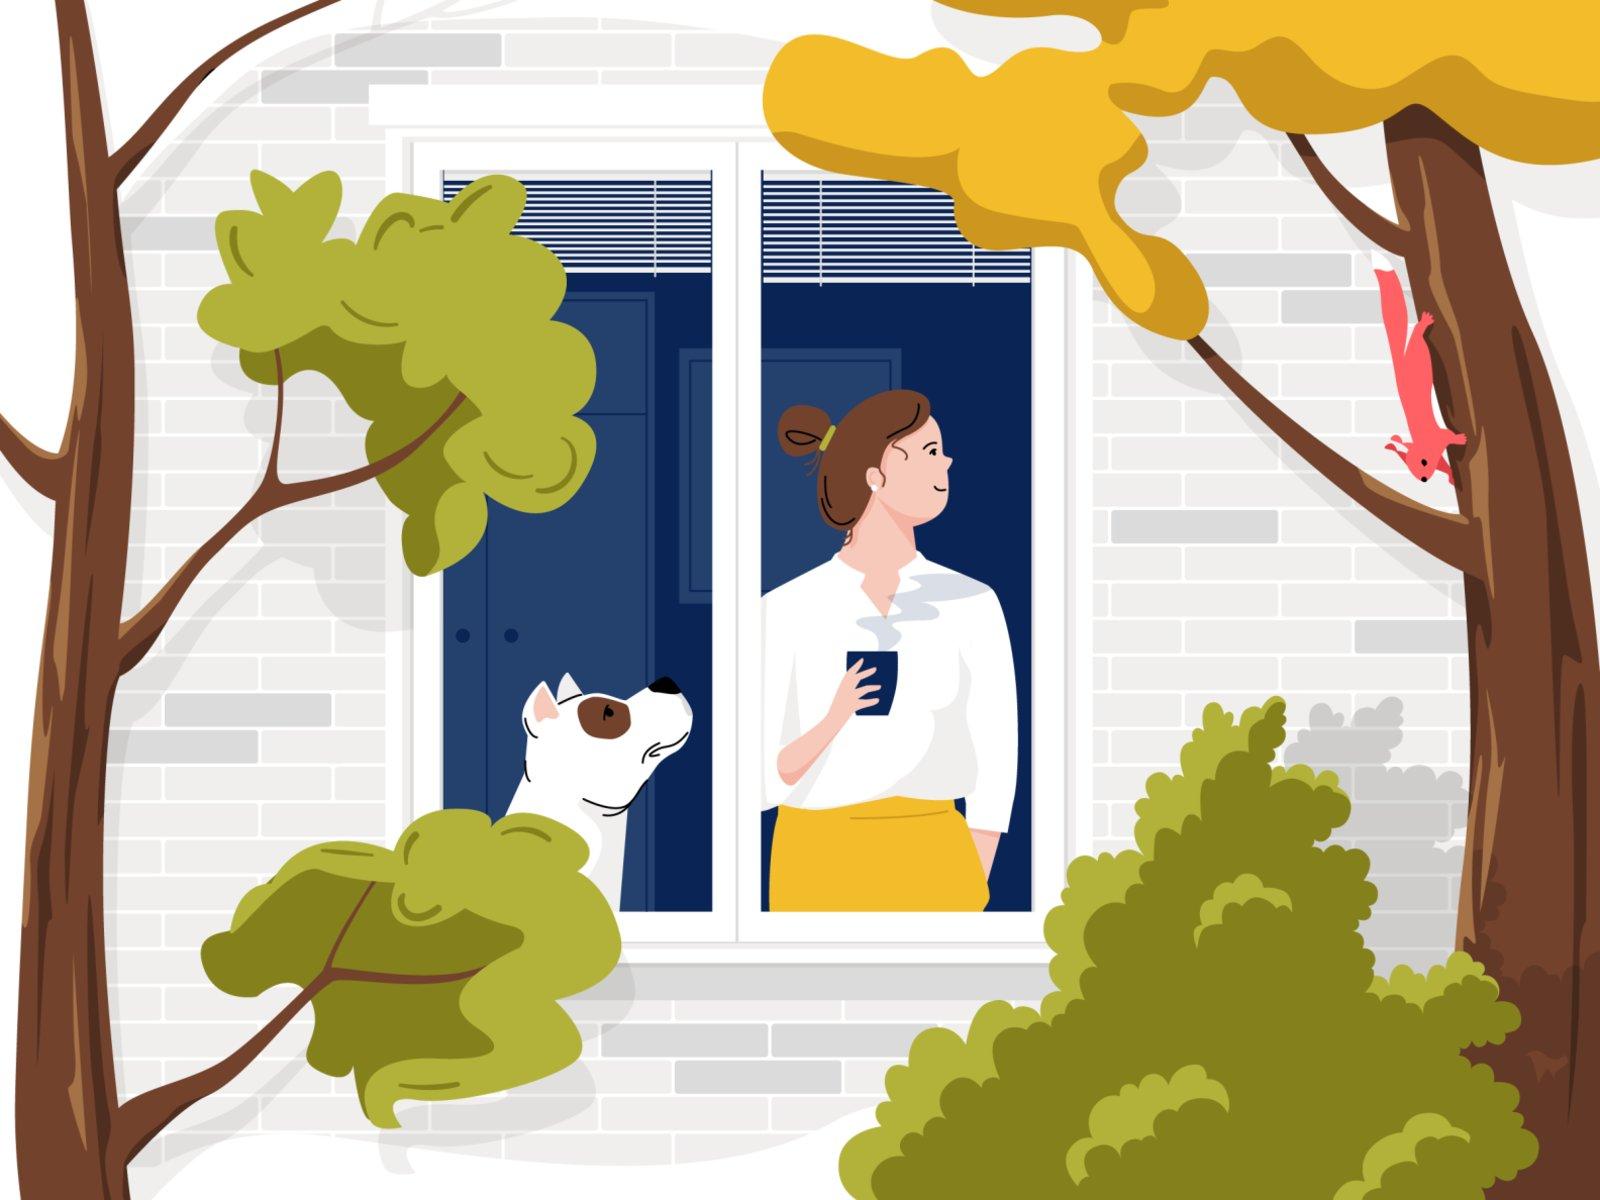 Ilustração de uma mulher olhando pela janela, ao lado de seu cachorro, em pé, enquanto toma uma xícara de chá.